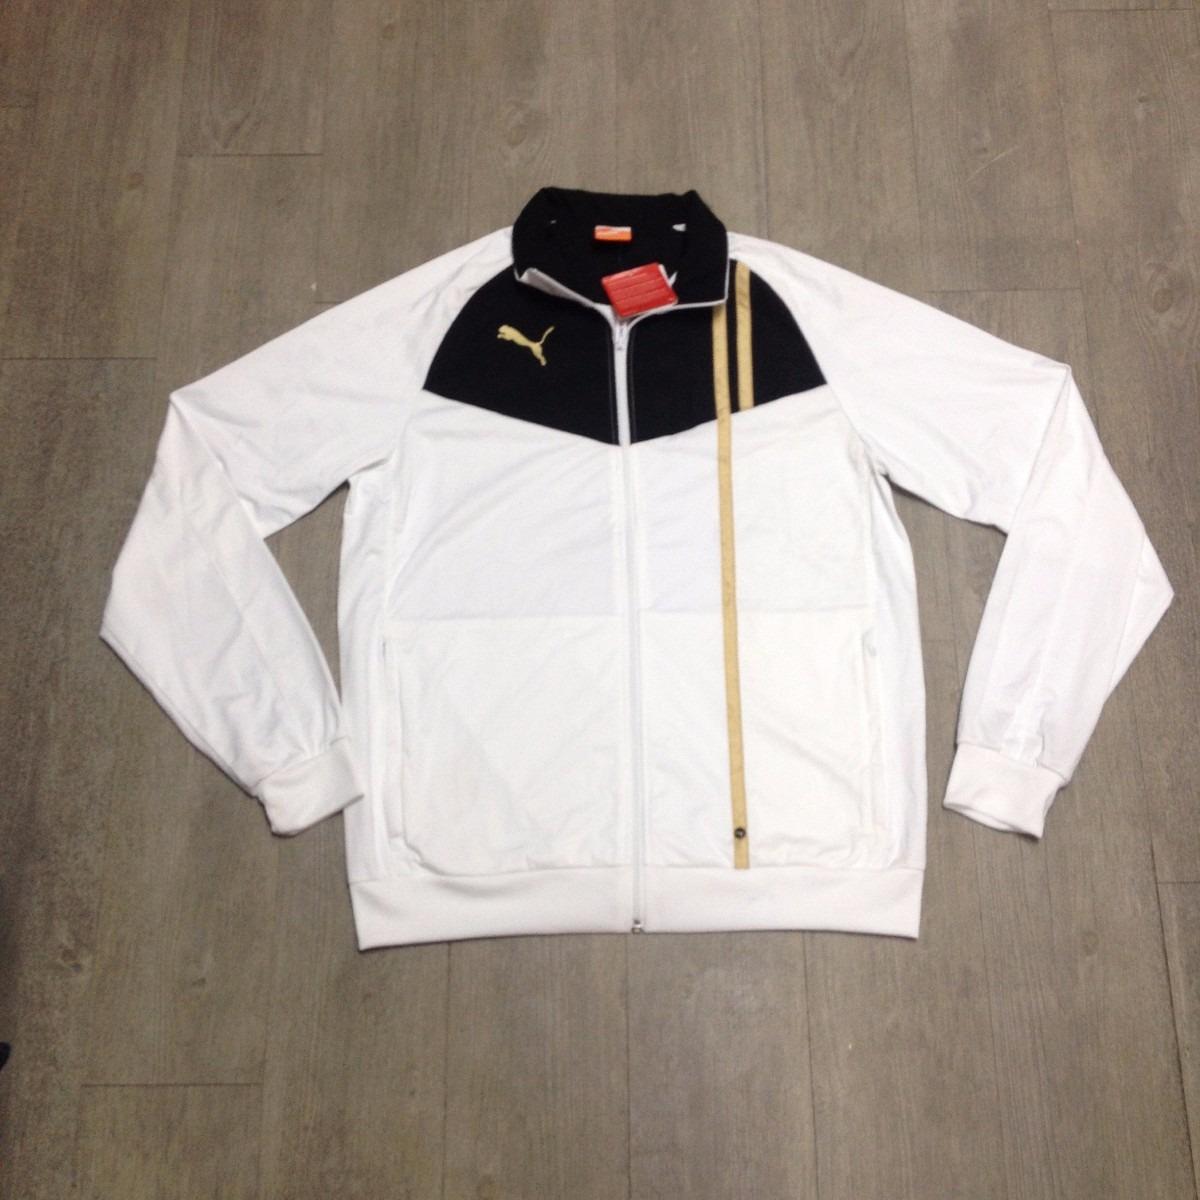 chaquetas sueters puma nike adidas 100% originales tienda! Cargando zoom. f2e739831df38